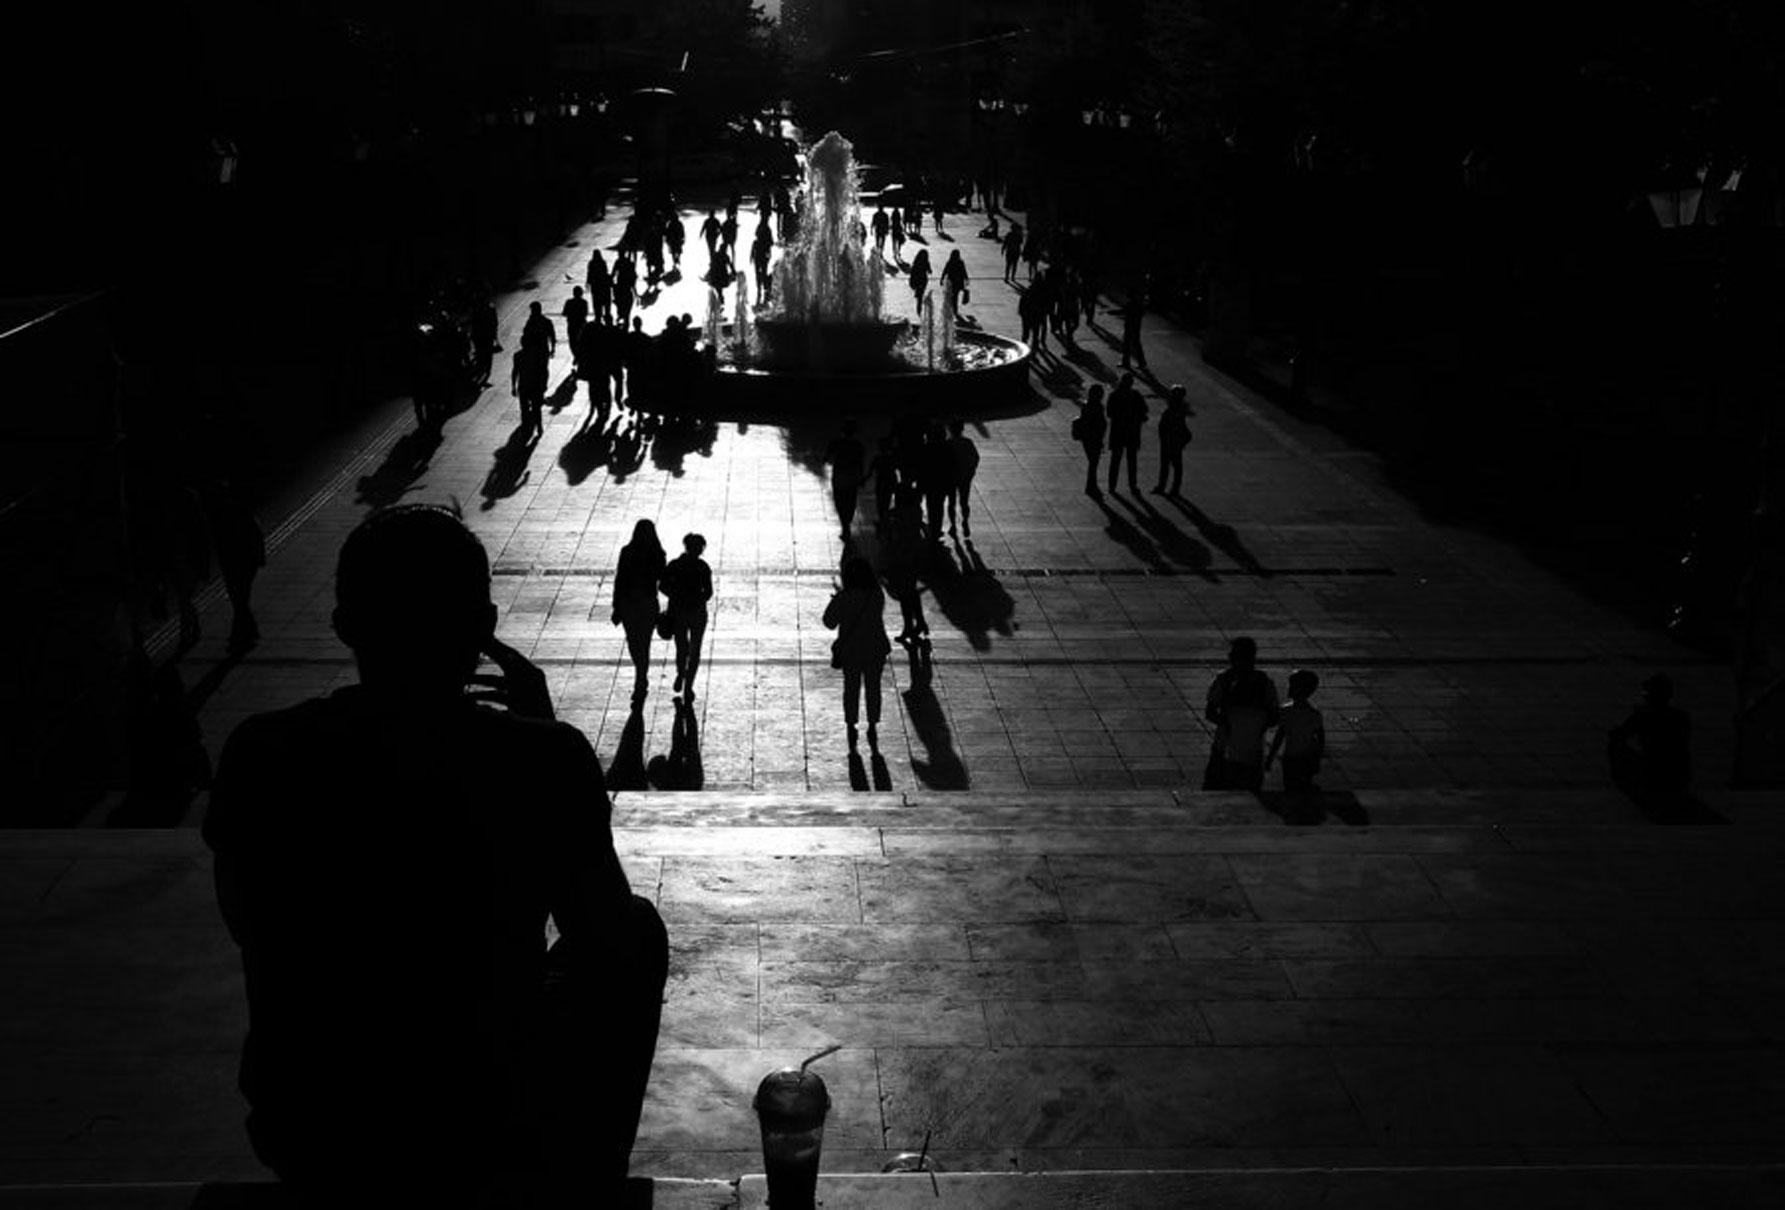 Δικαιούχοι ΕΚΑΣ, χαμηλοσυνταξιούχοι, άνεργοι οι… υποψήφιοι για το κοινωνικό μέρισμα – Όλα τα σενάρια